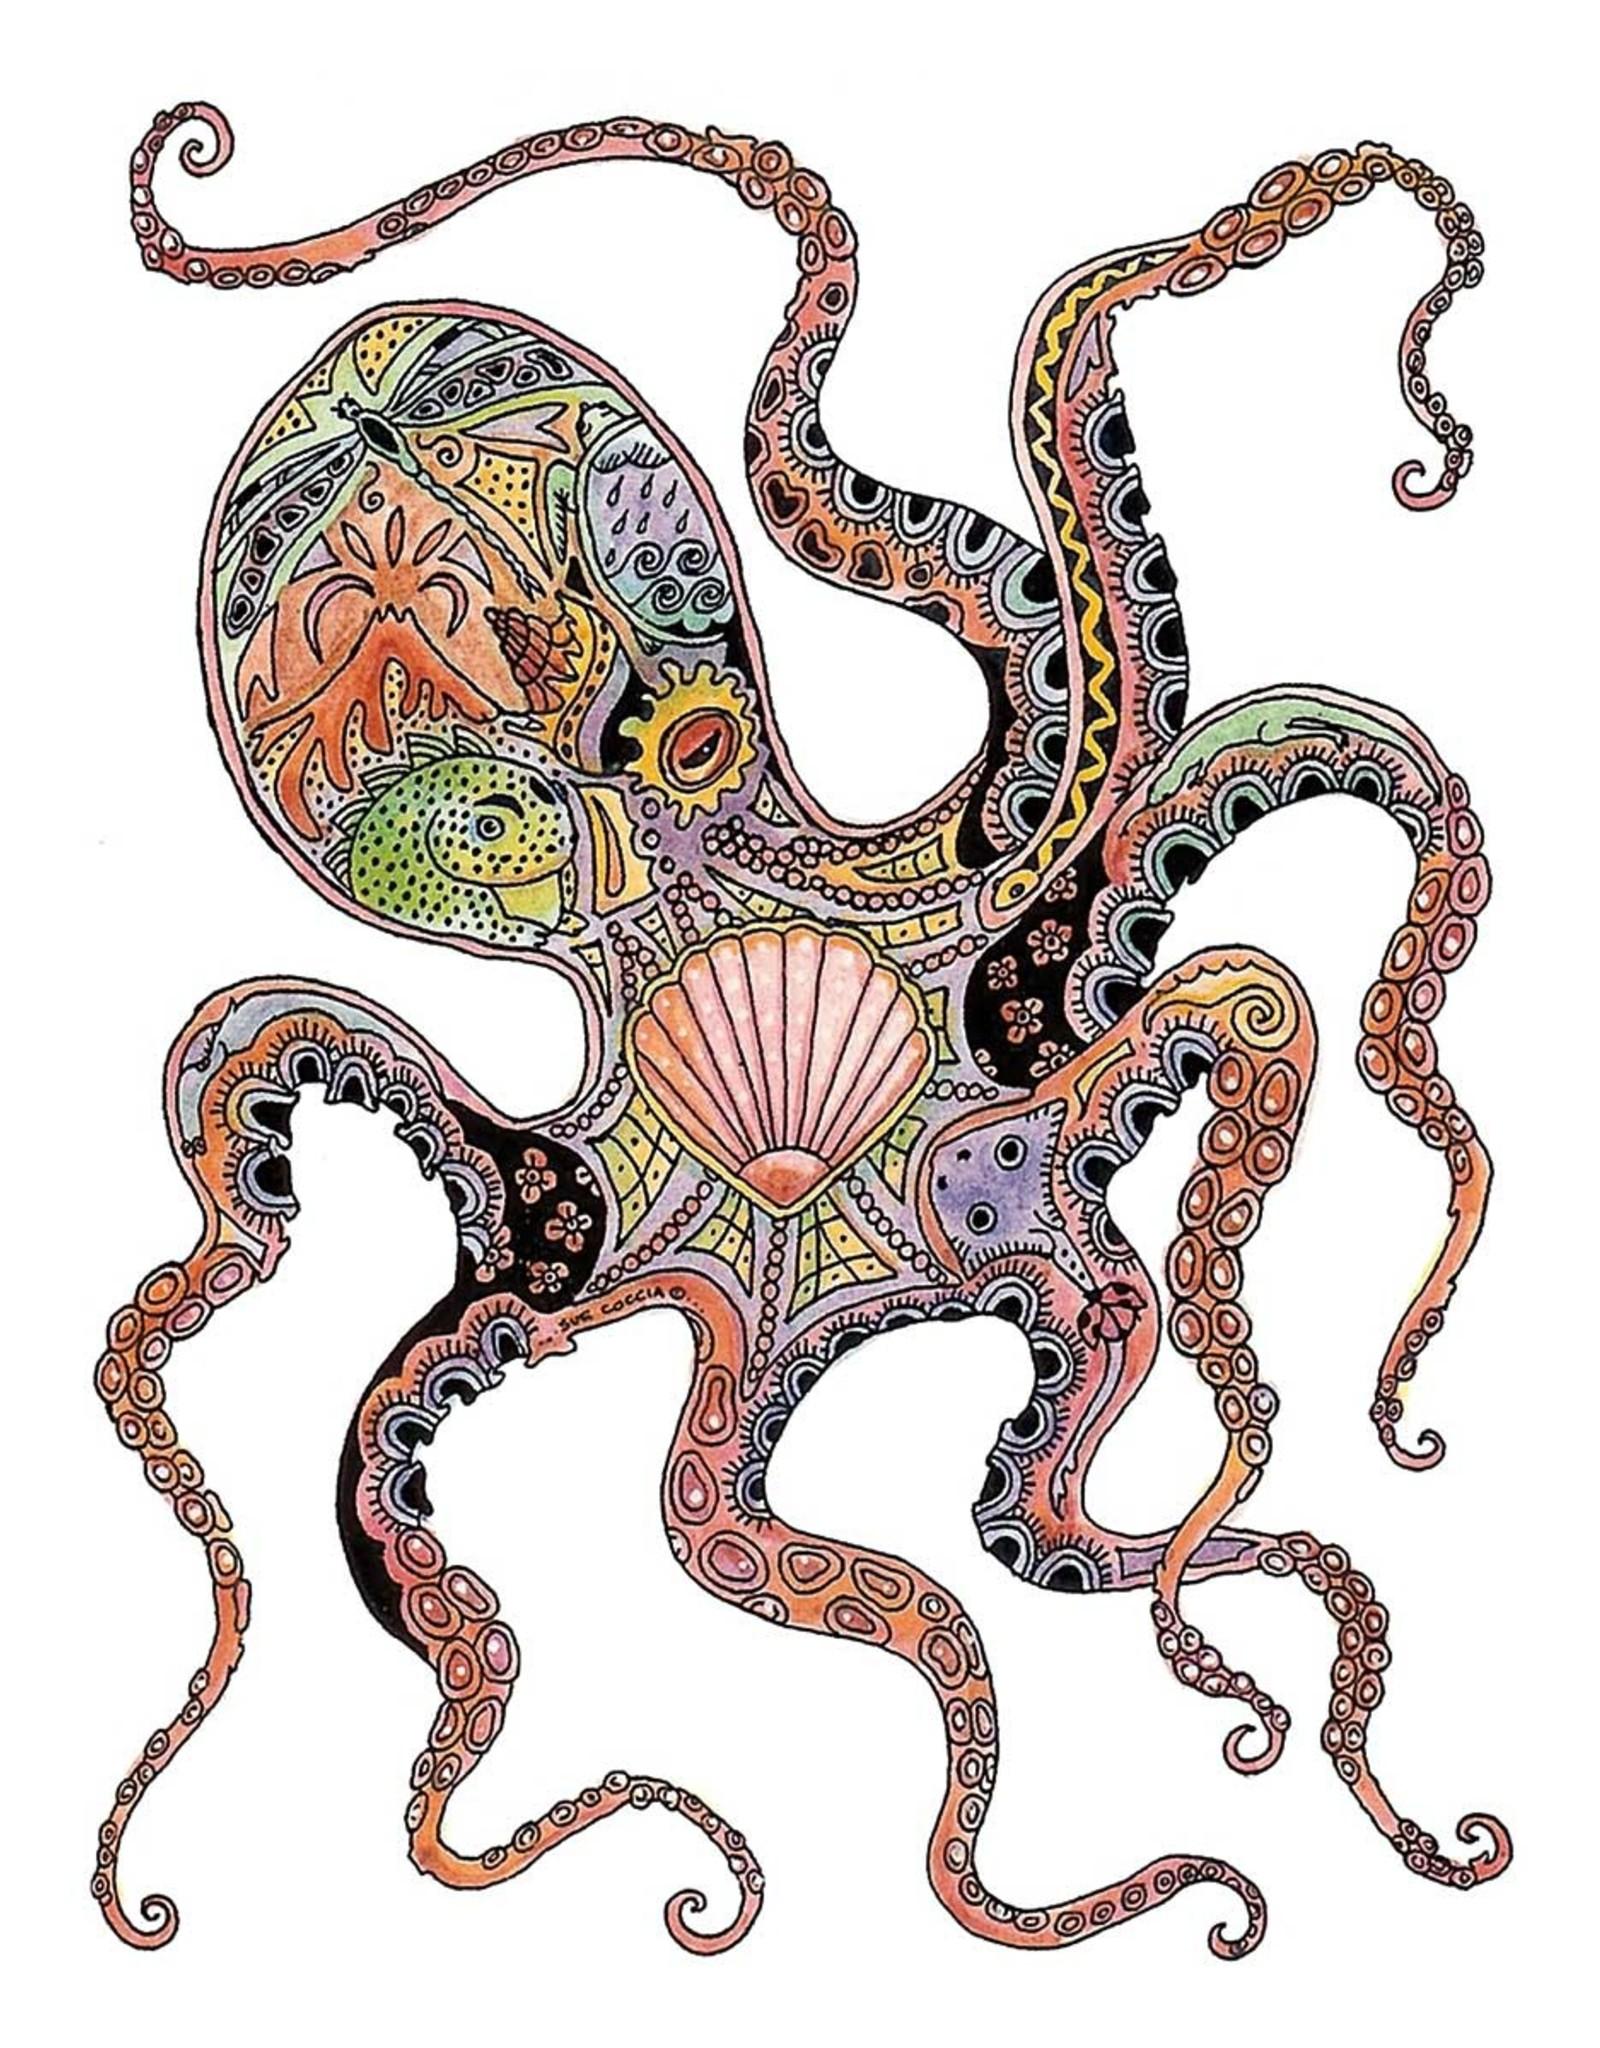 Octopus by Sue Coccia Card